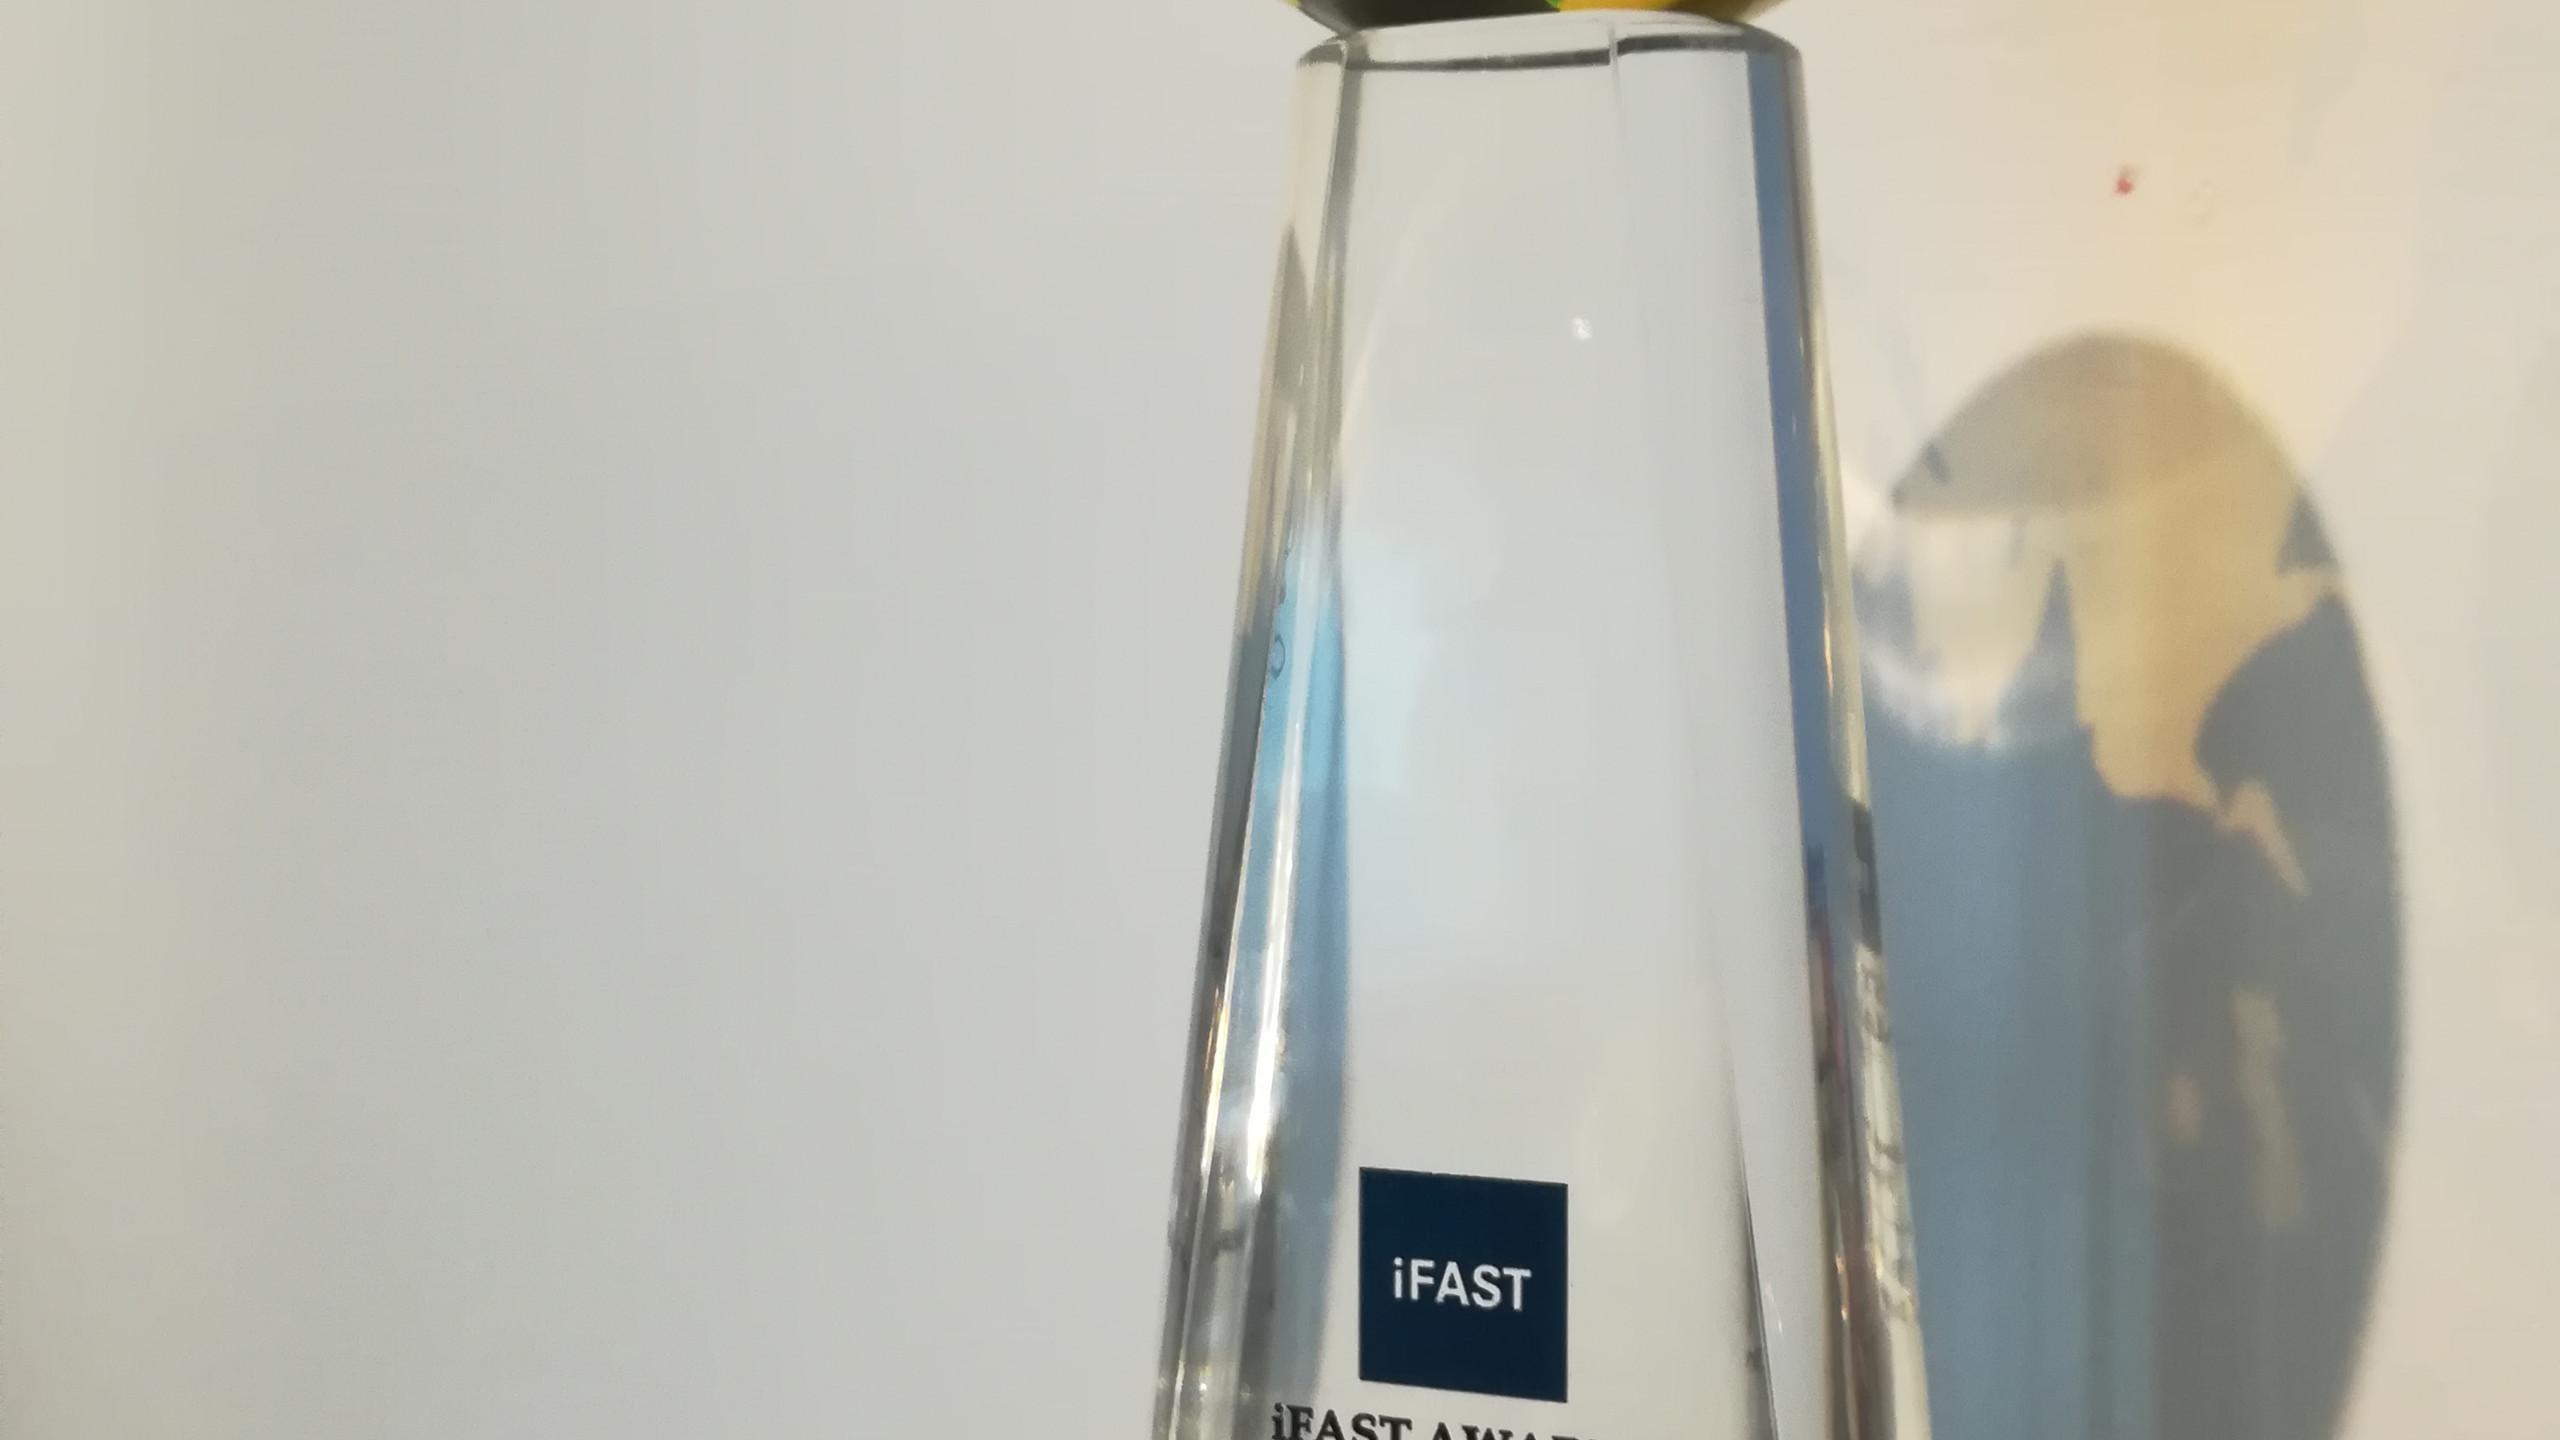 The Most Progressive Award